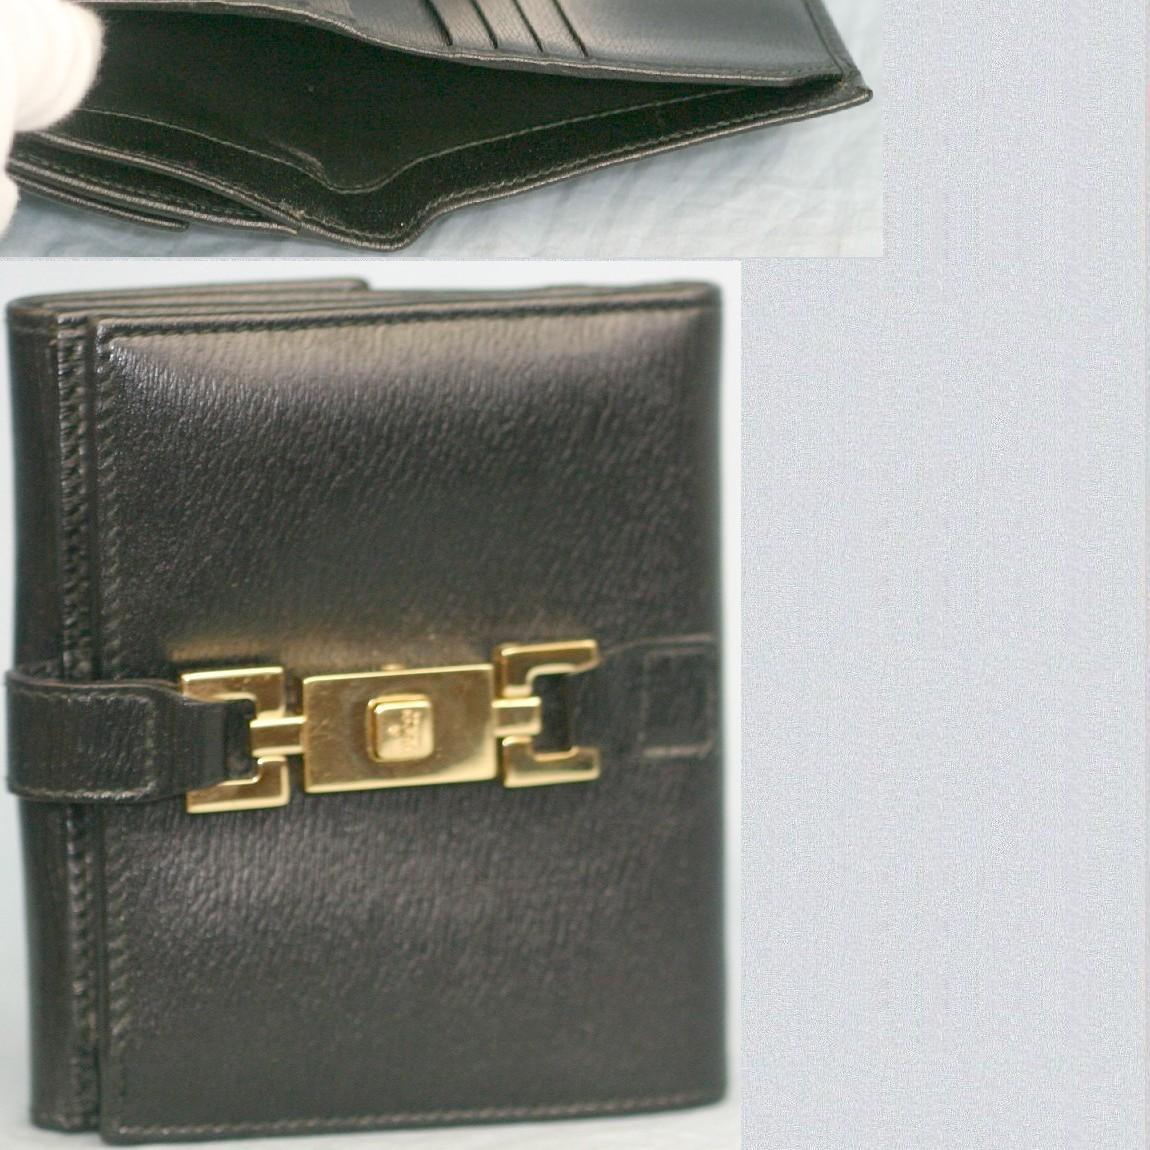 【中古】本物綺麗グッチ女性用黒革金色ジャッキー金具Wホックの財布